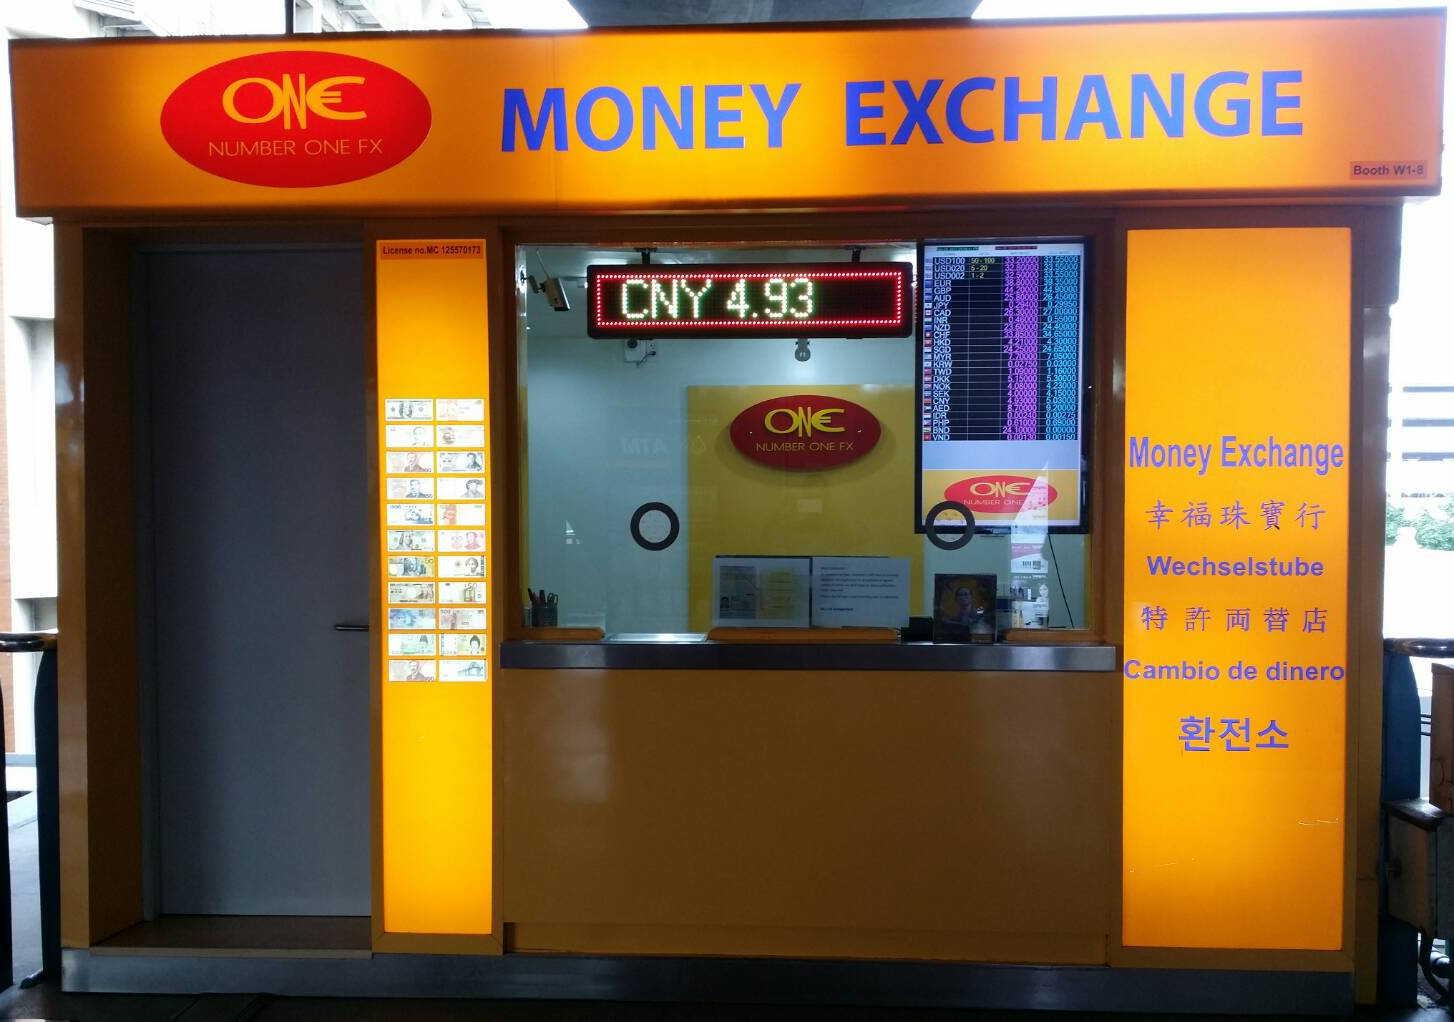 Money Exchange Number One Fx